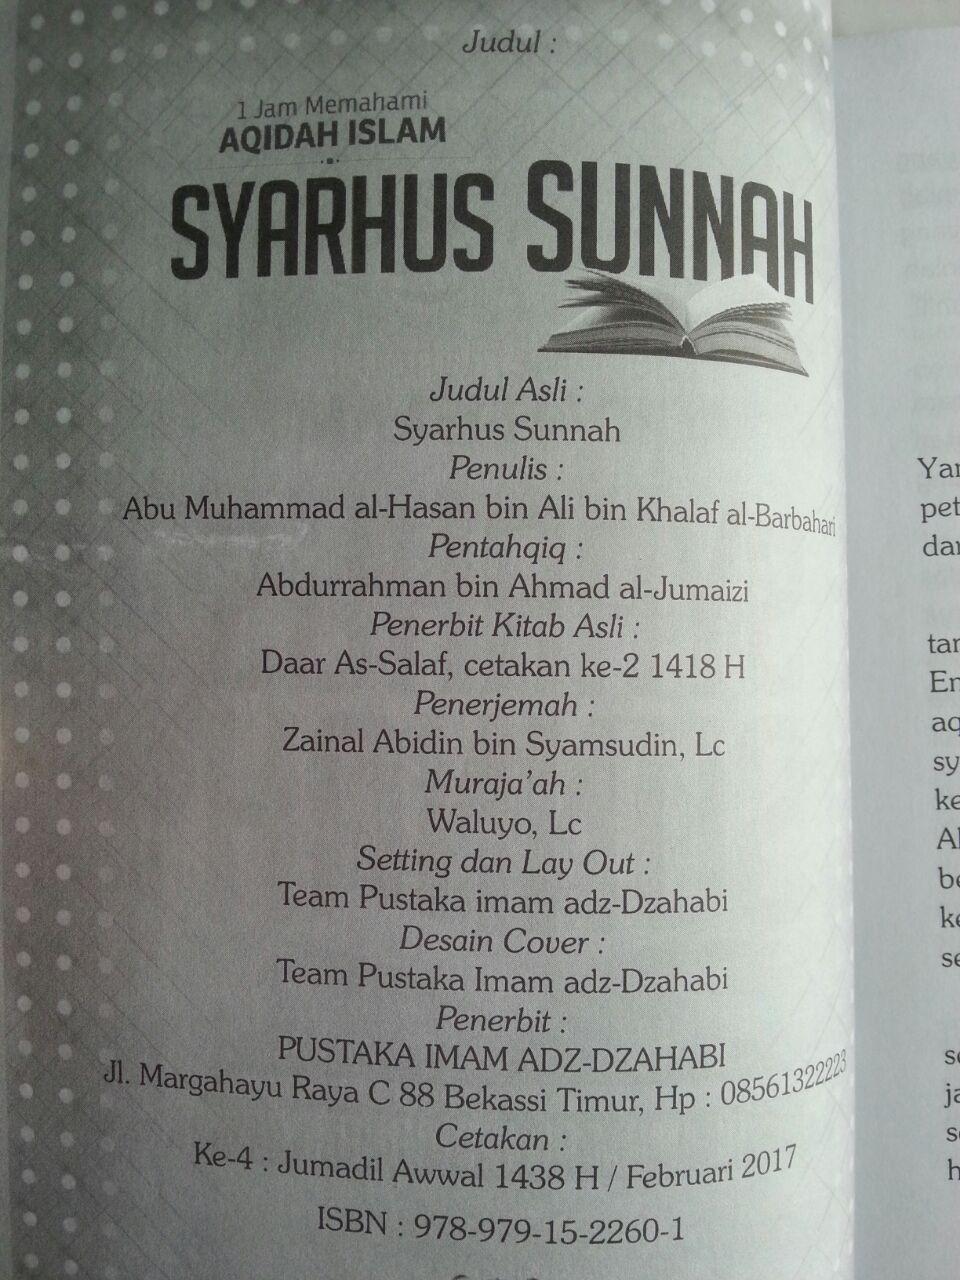 Buku Syarhus Sunnah 1 Jam Memahami Aqidah Islam isi